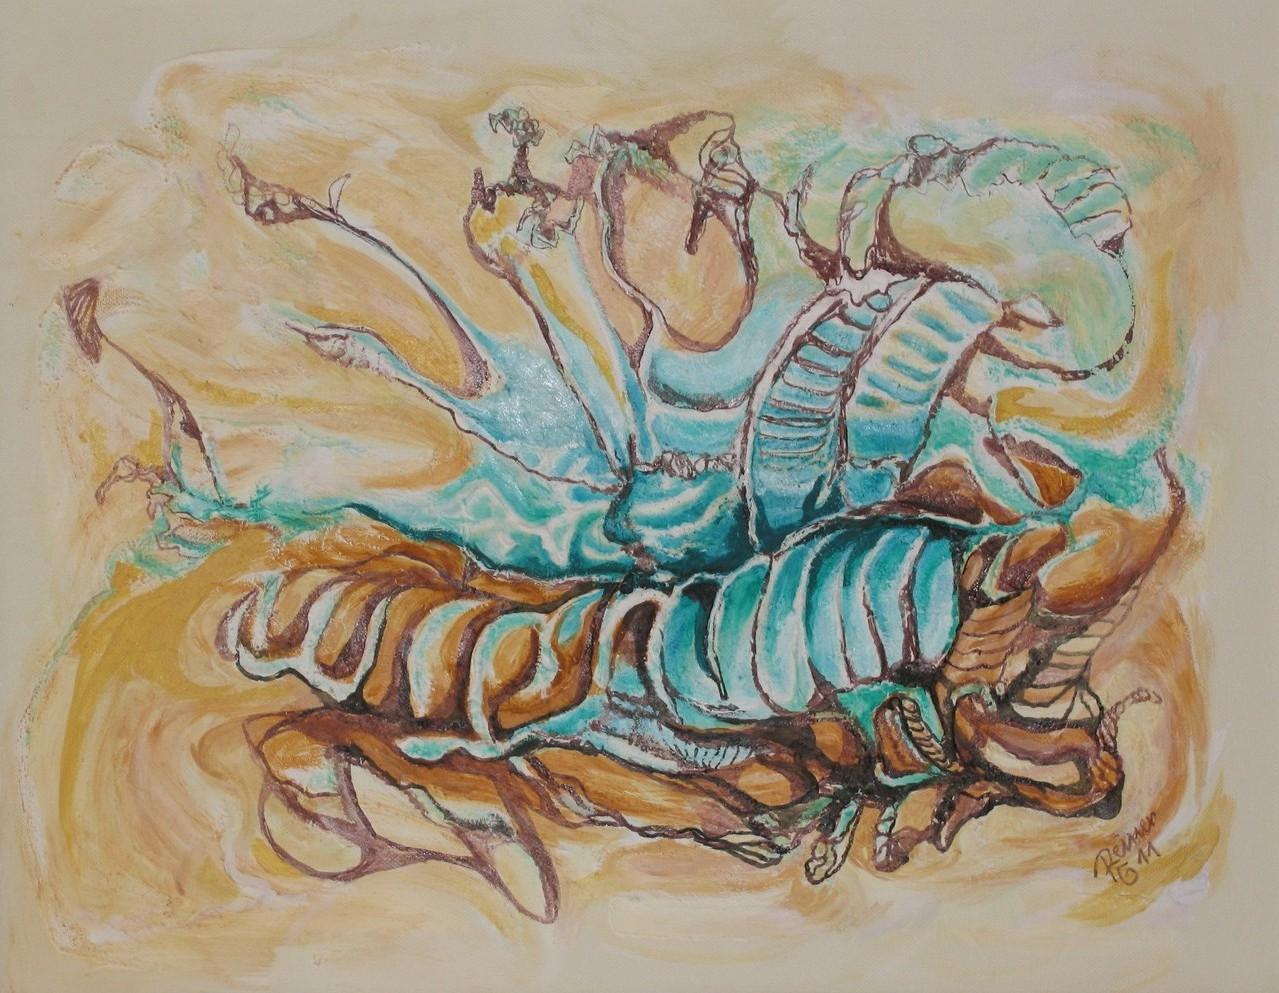 Larve, Strukturgewebe; Acryl, Tusche auf Leinw., 40 x 50 cm